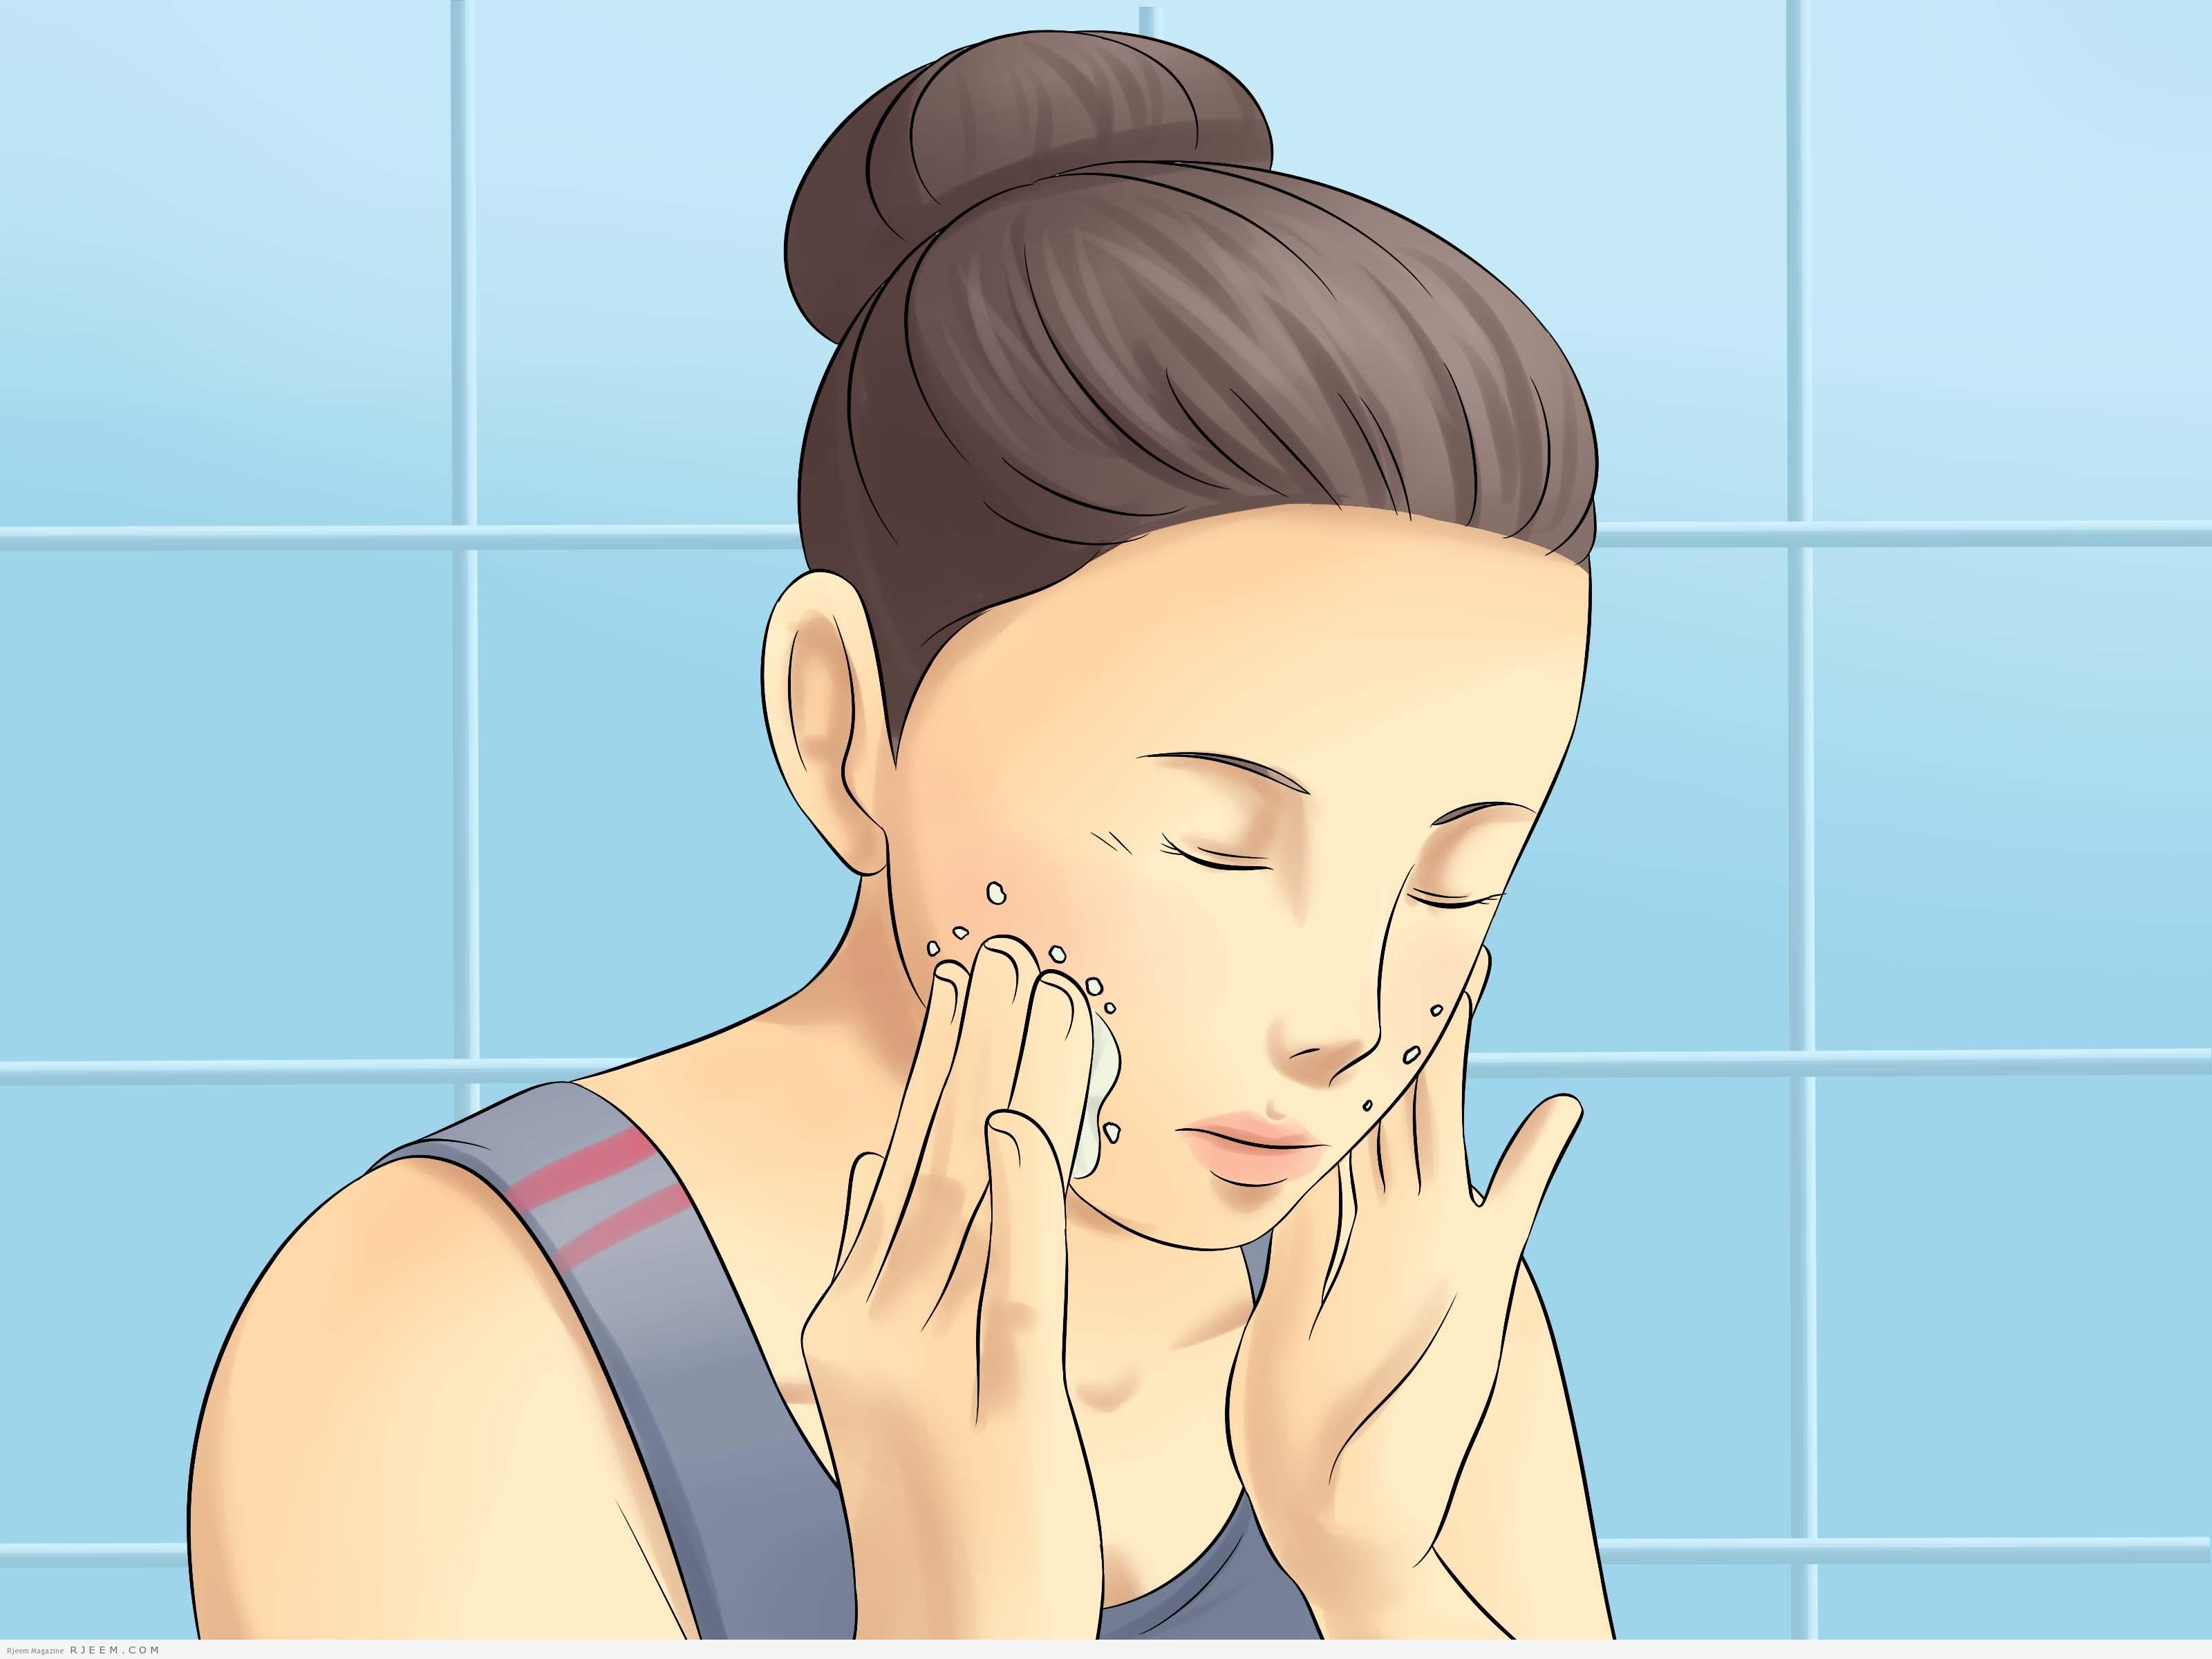 طرق طبيعية للتخلص من دهون الوجه والرقبة